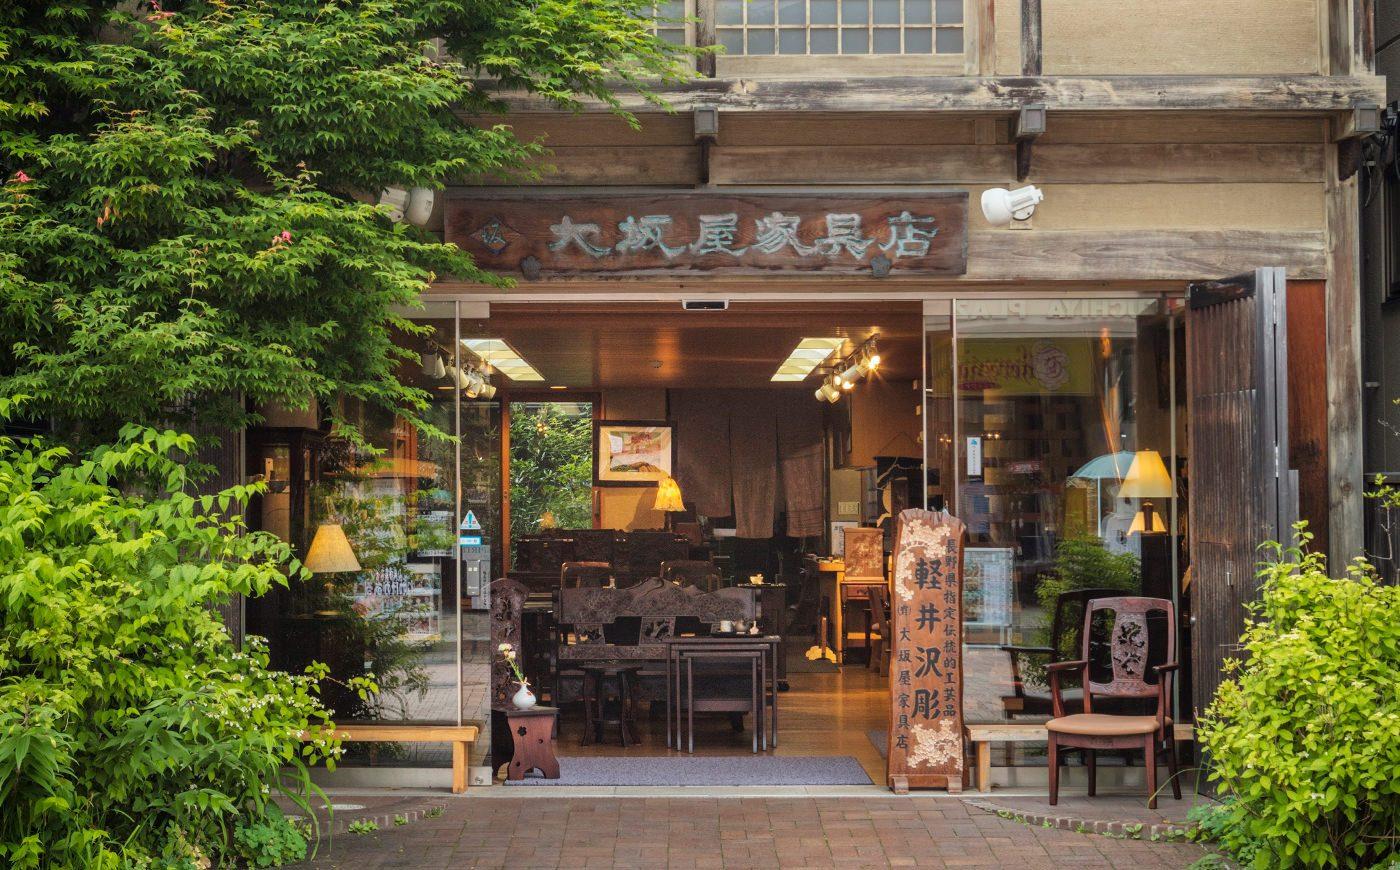 大阪屋家具店 本店